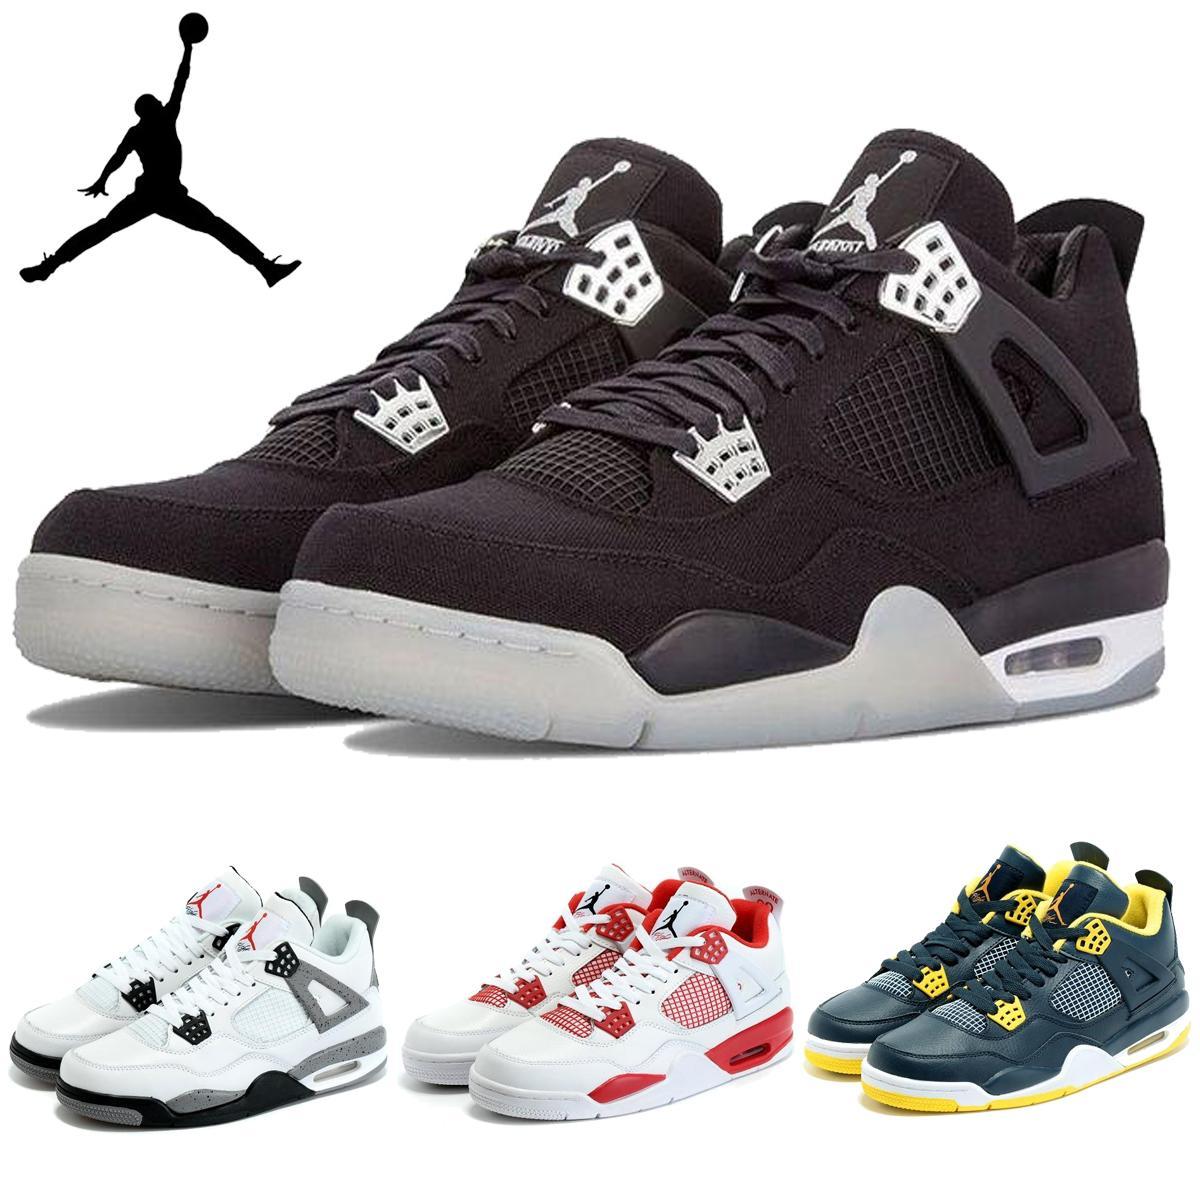 Nike Air Jordan 4 IV Retro Alternate 89